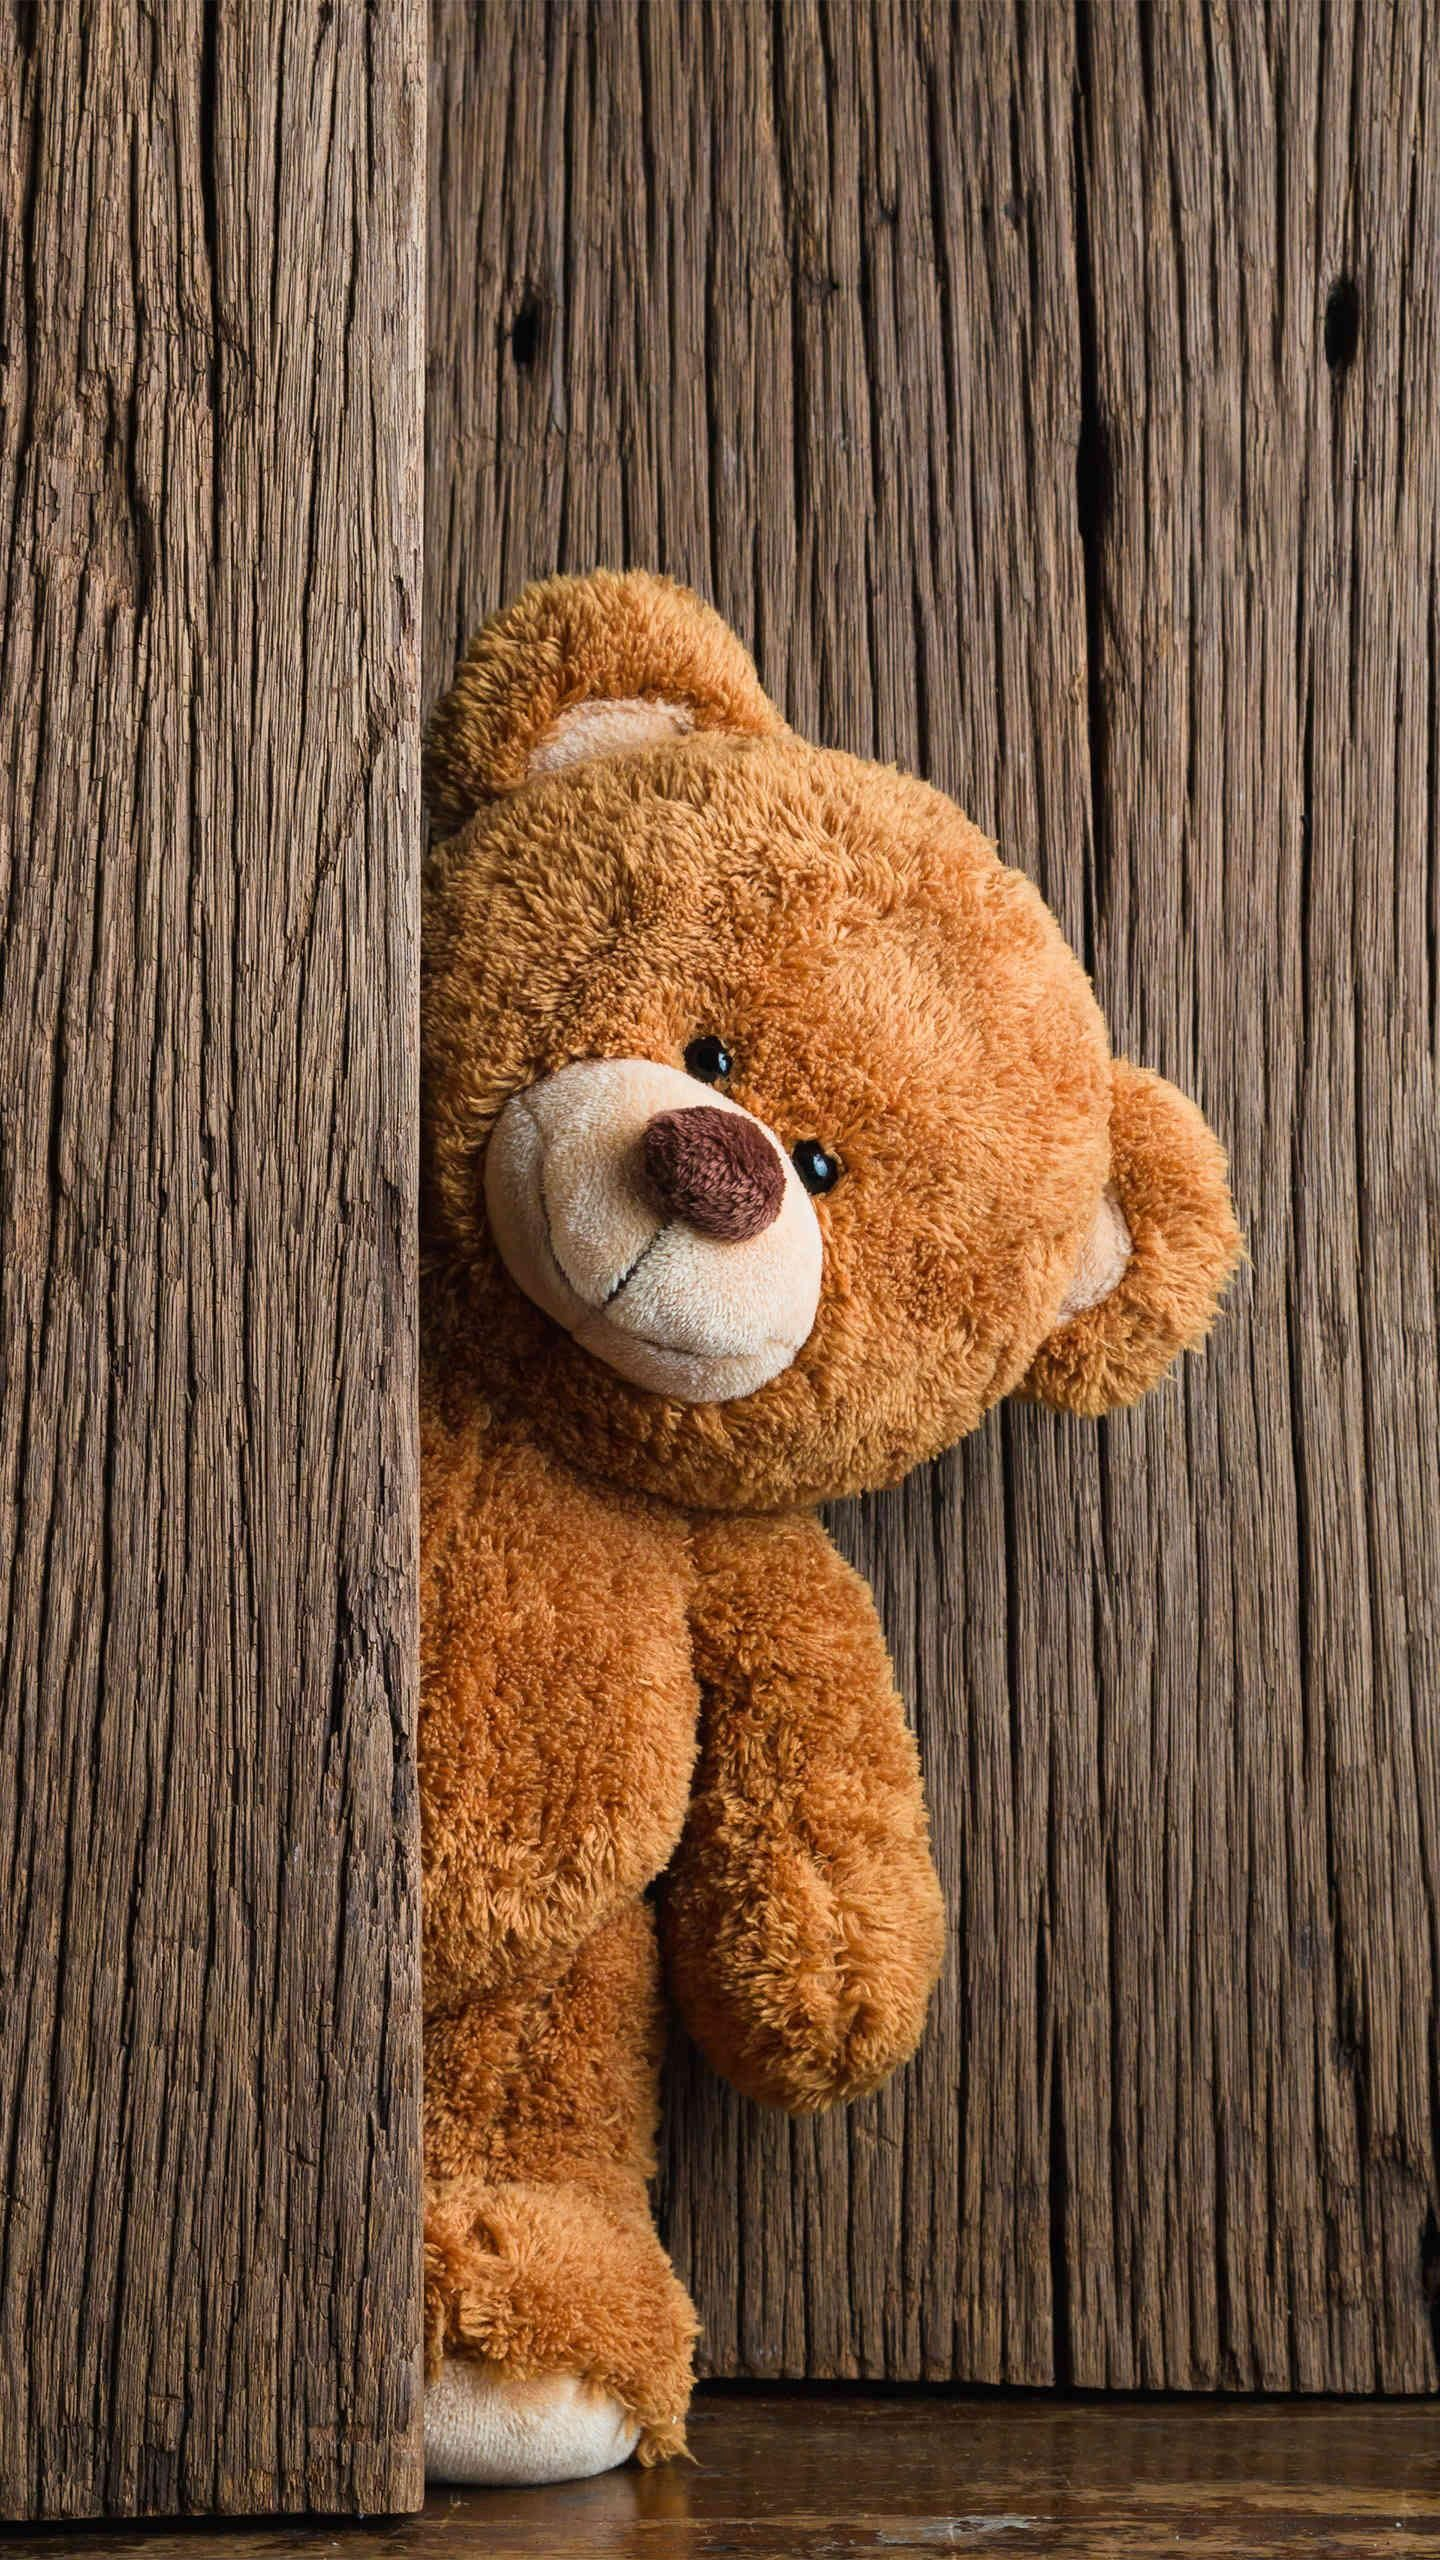 Pin Oleh Jenny Lai Di Cats Dogs Bird Panda Funny Cute Beautiful Object Seni Boneka Hewan Beruang Teddy